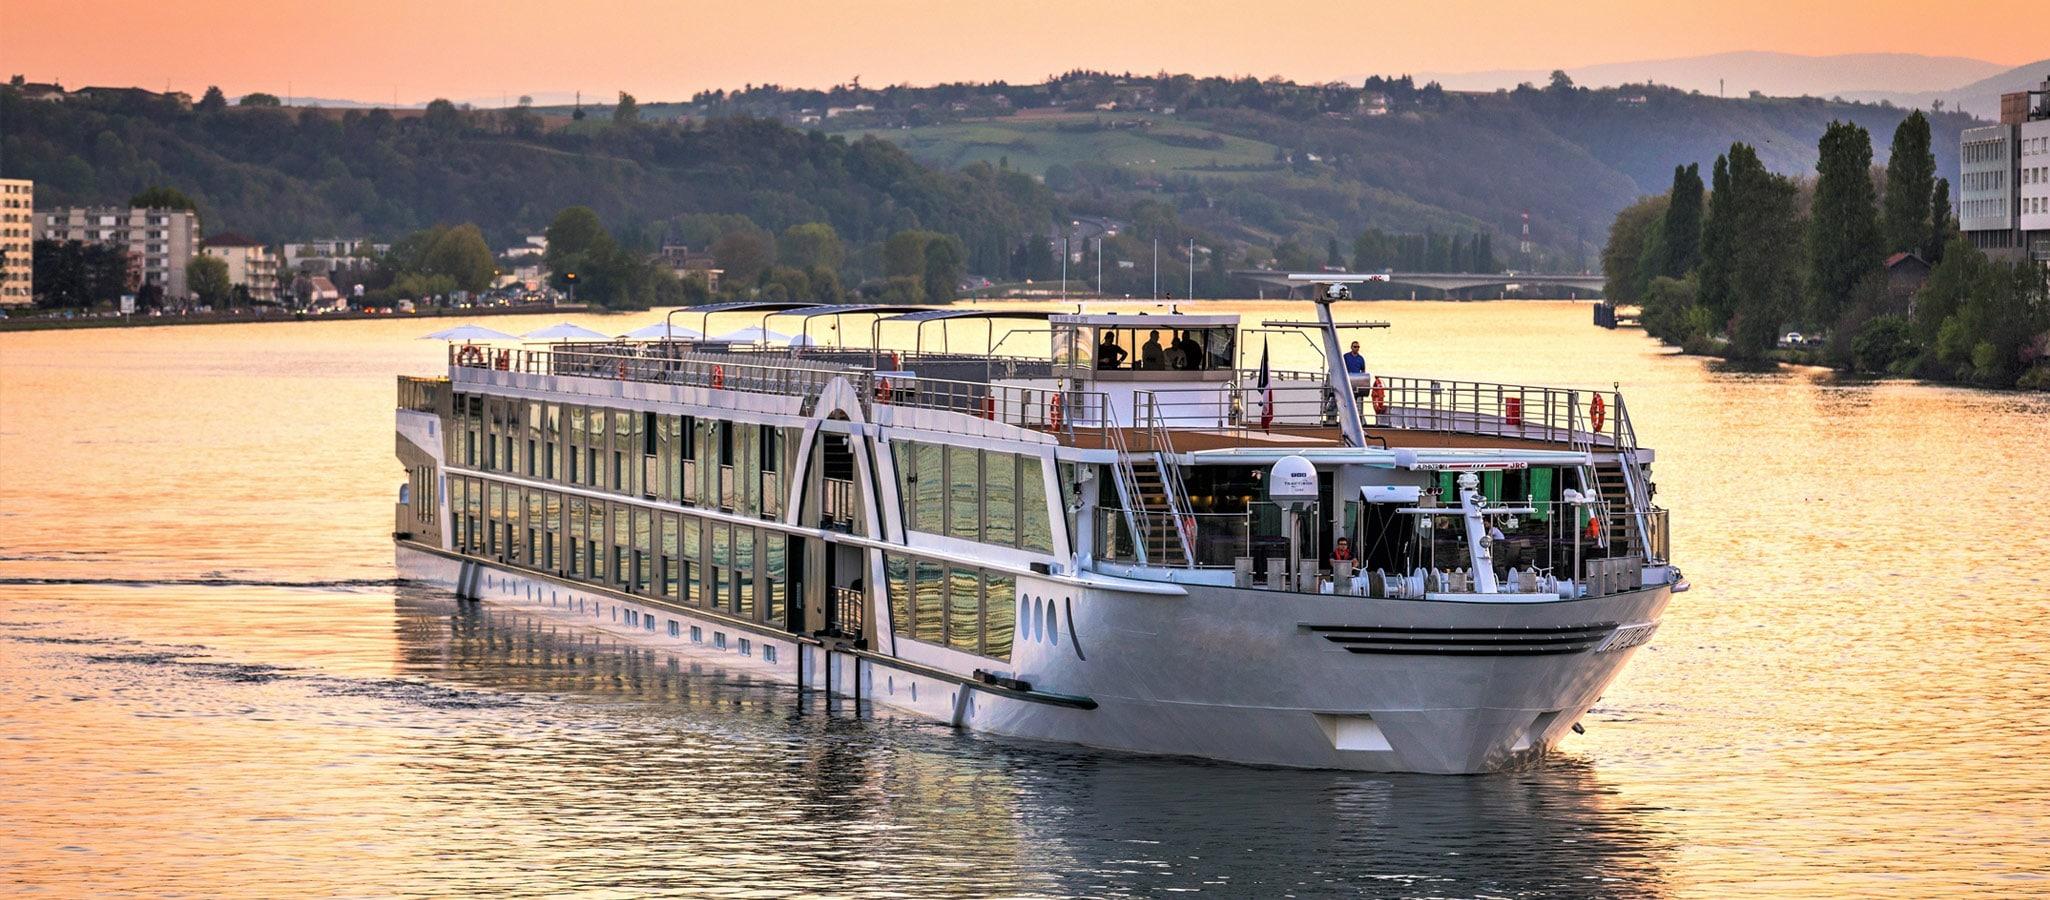 Flusskreuzfahrtschiffe bieten jede Menge Platz für Tagungen und Incentives. Sie verfügen innen und außen über vielseitig nutzbare Decksflächen.